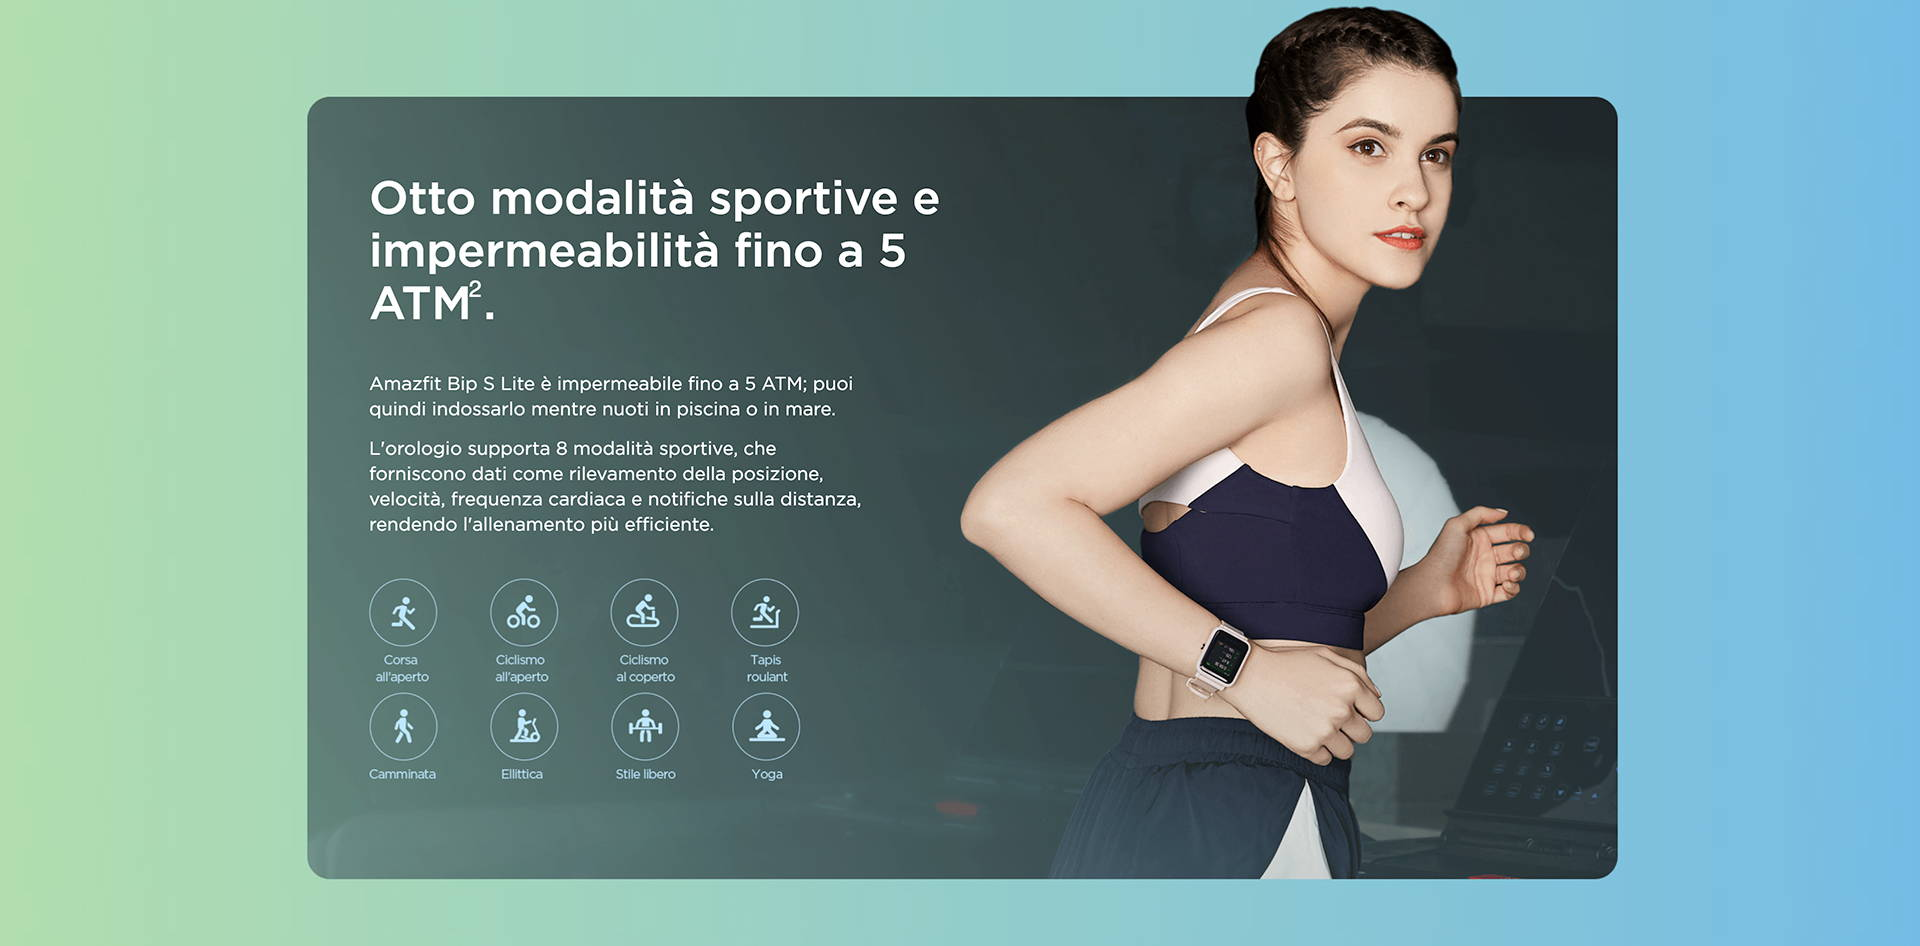 Amazfit IT - Amazfit Bip S Lite - Otto modalità sportive e impermeabilità fino a 5 ATM.